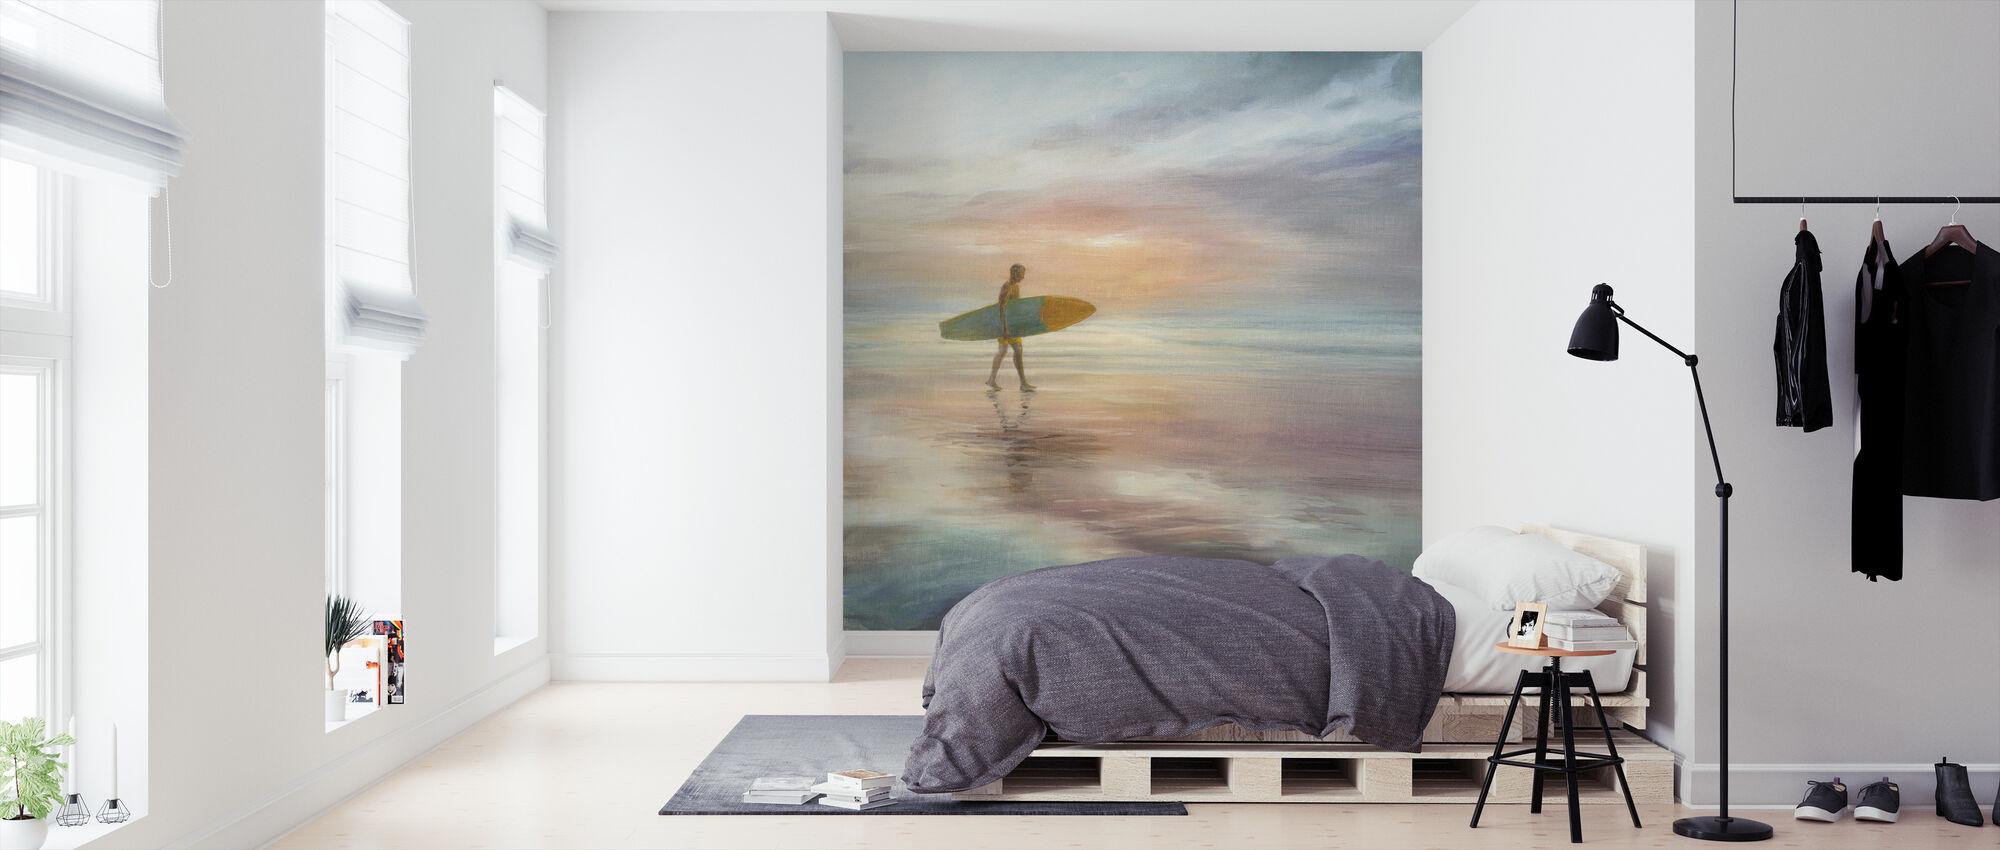 Surfside - Tapete - Schlafzimmer